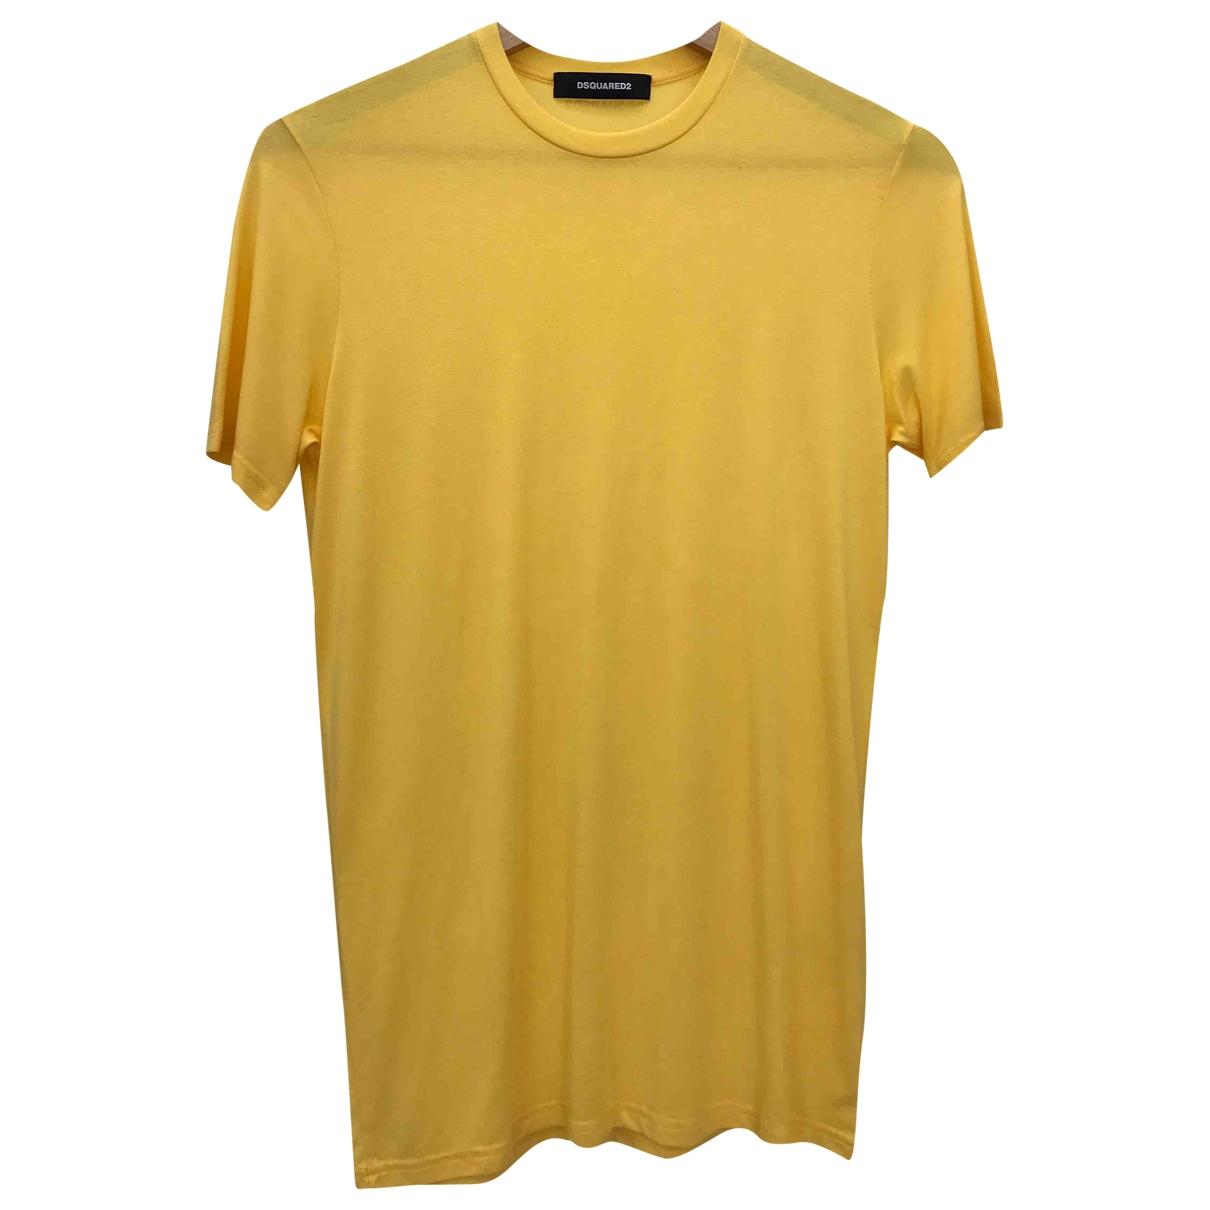 Dsquared2 - Top   pour femme - jaune